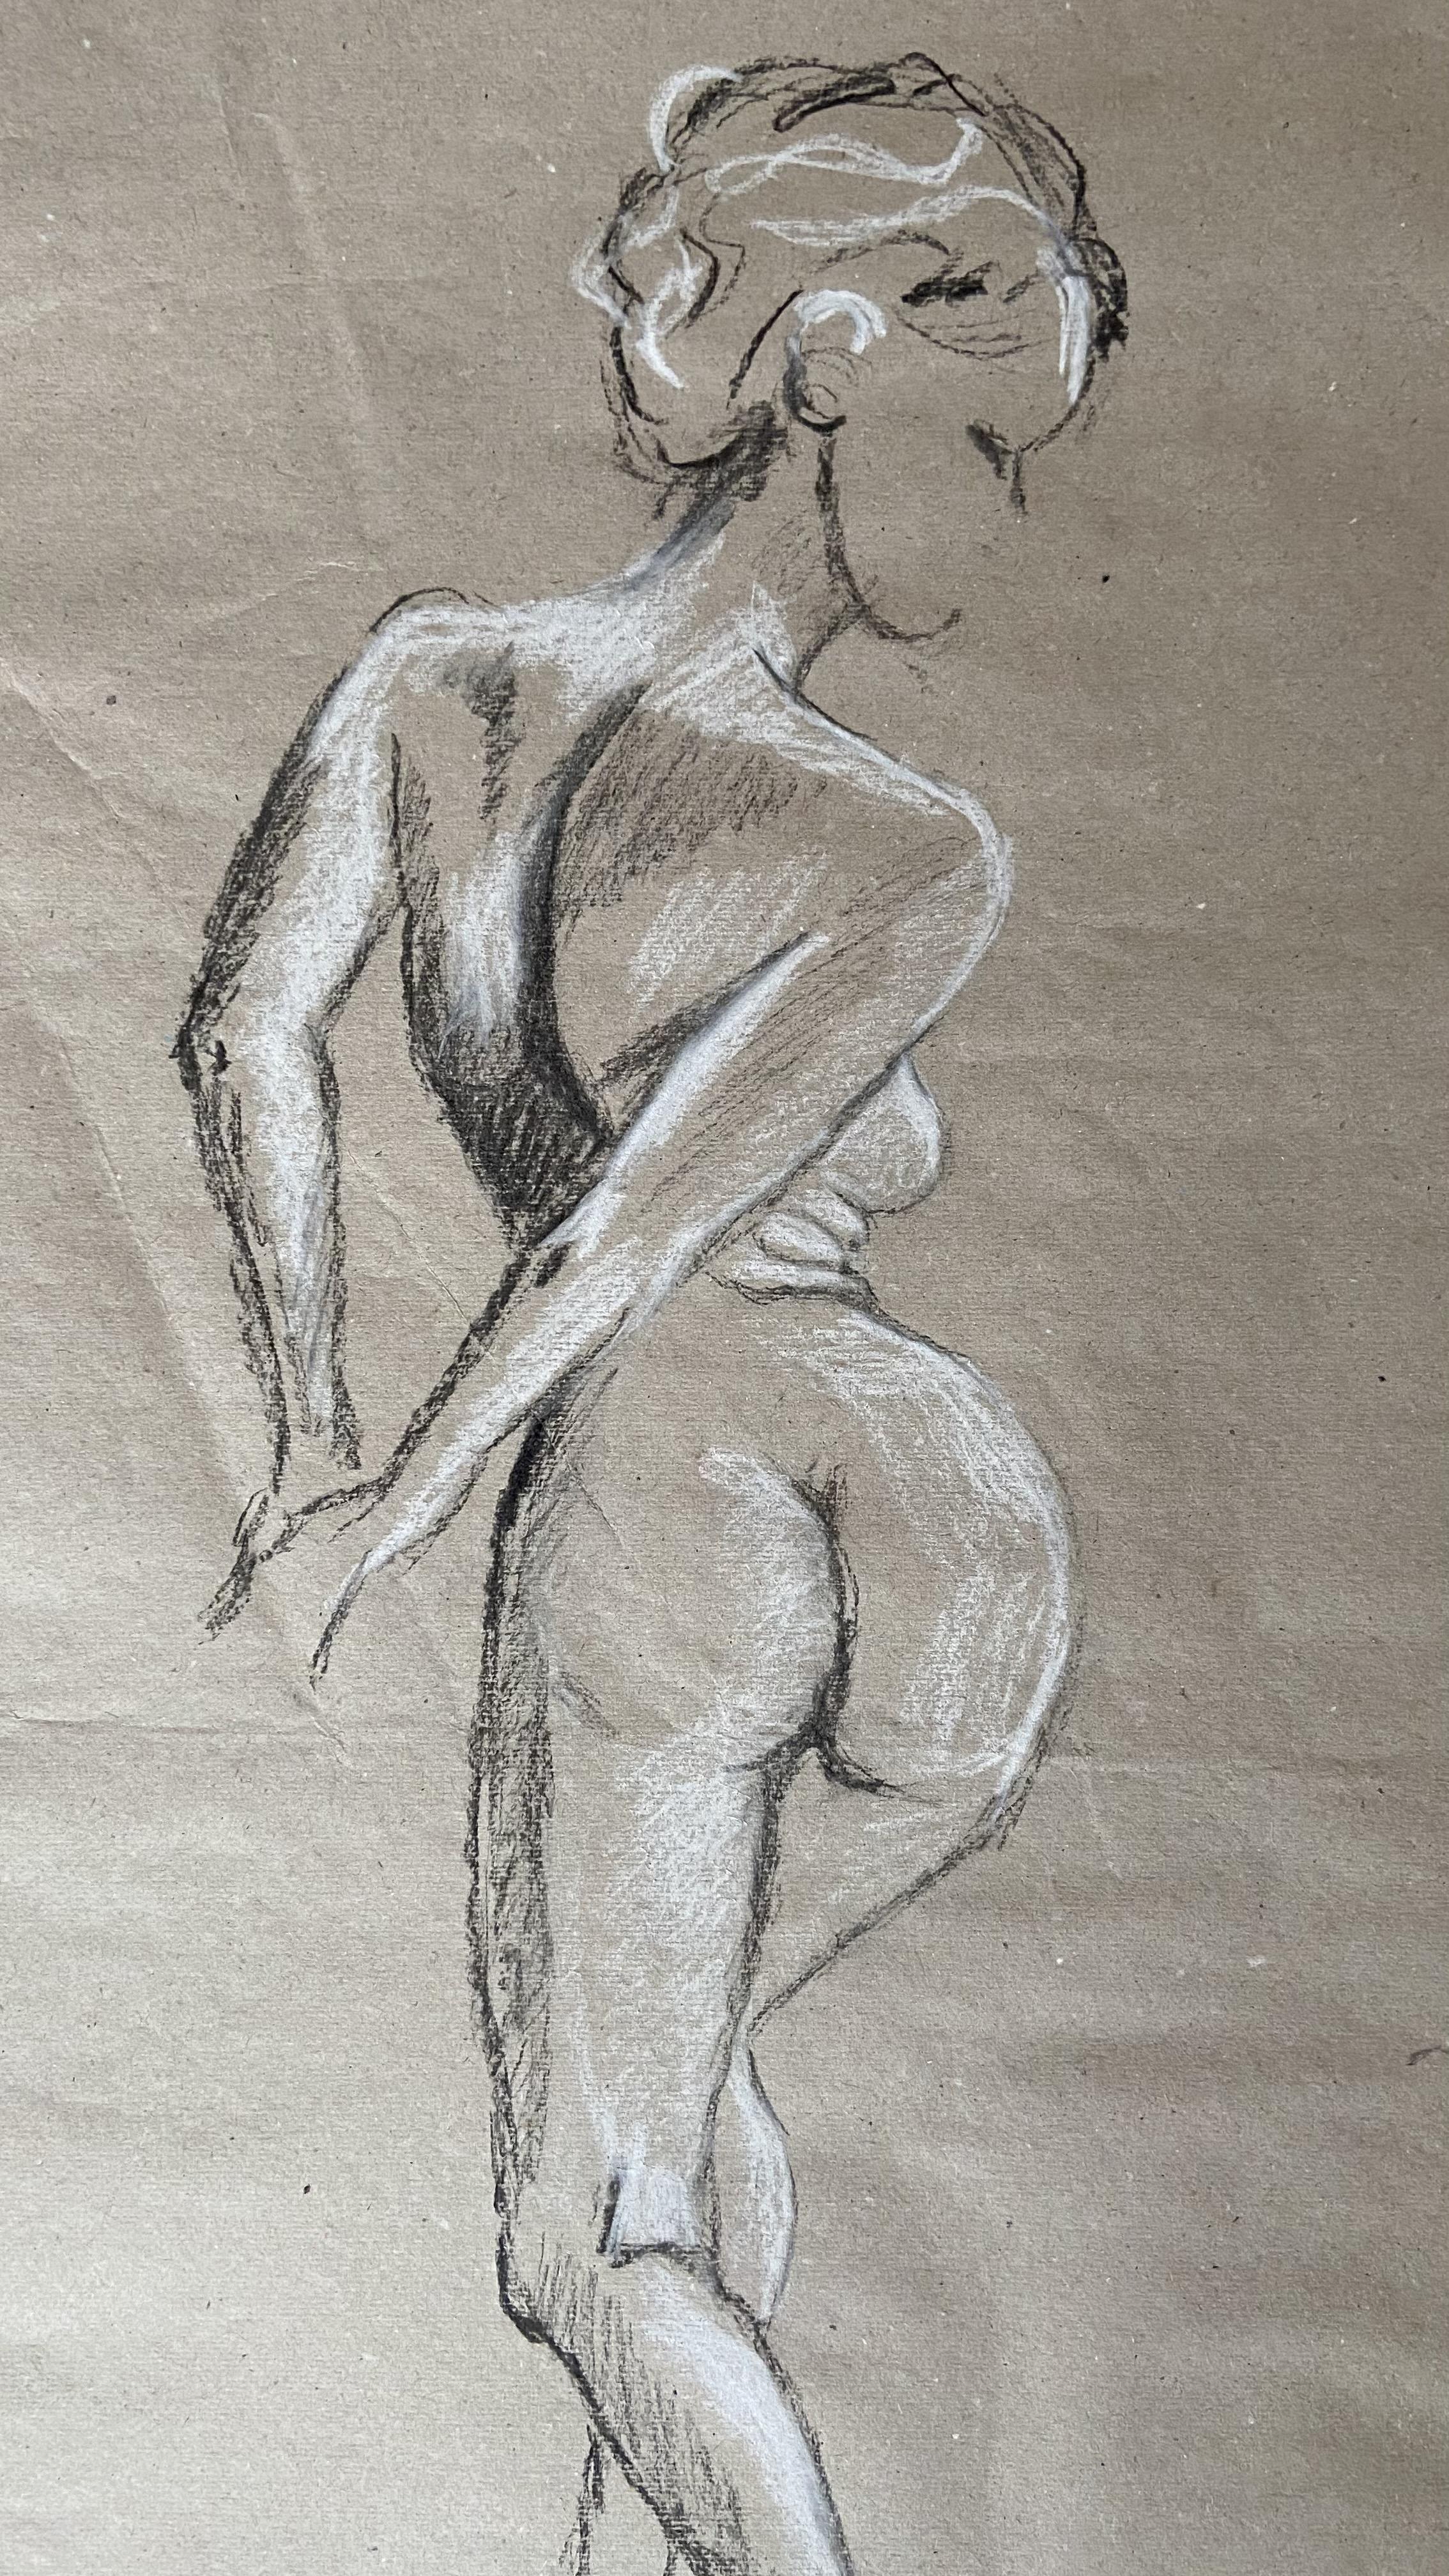 Dessin mod�le vivant Pierre noir craie blanche sur papier gris  cours de dessin